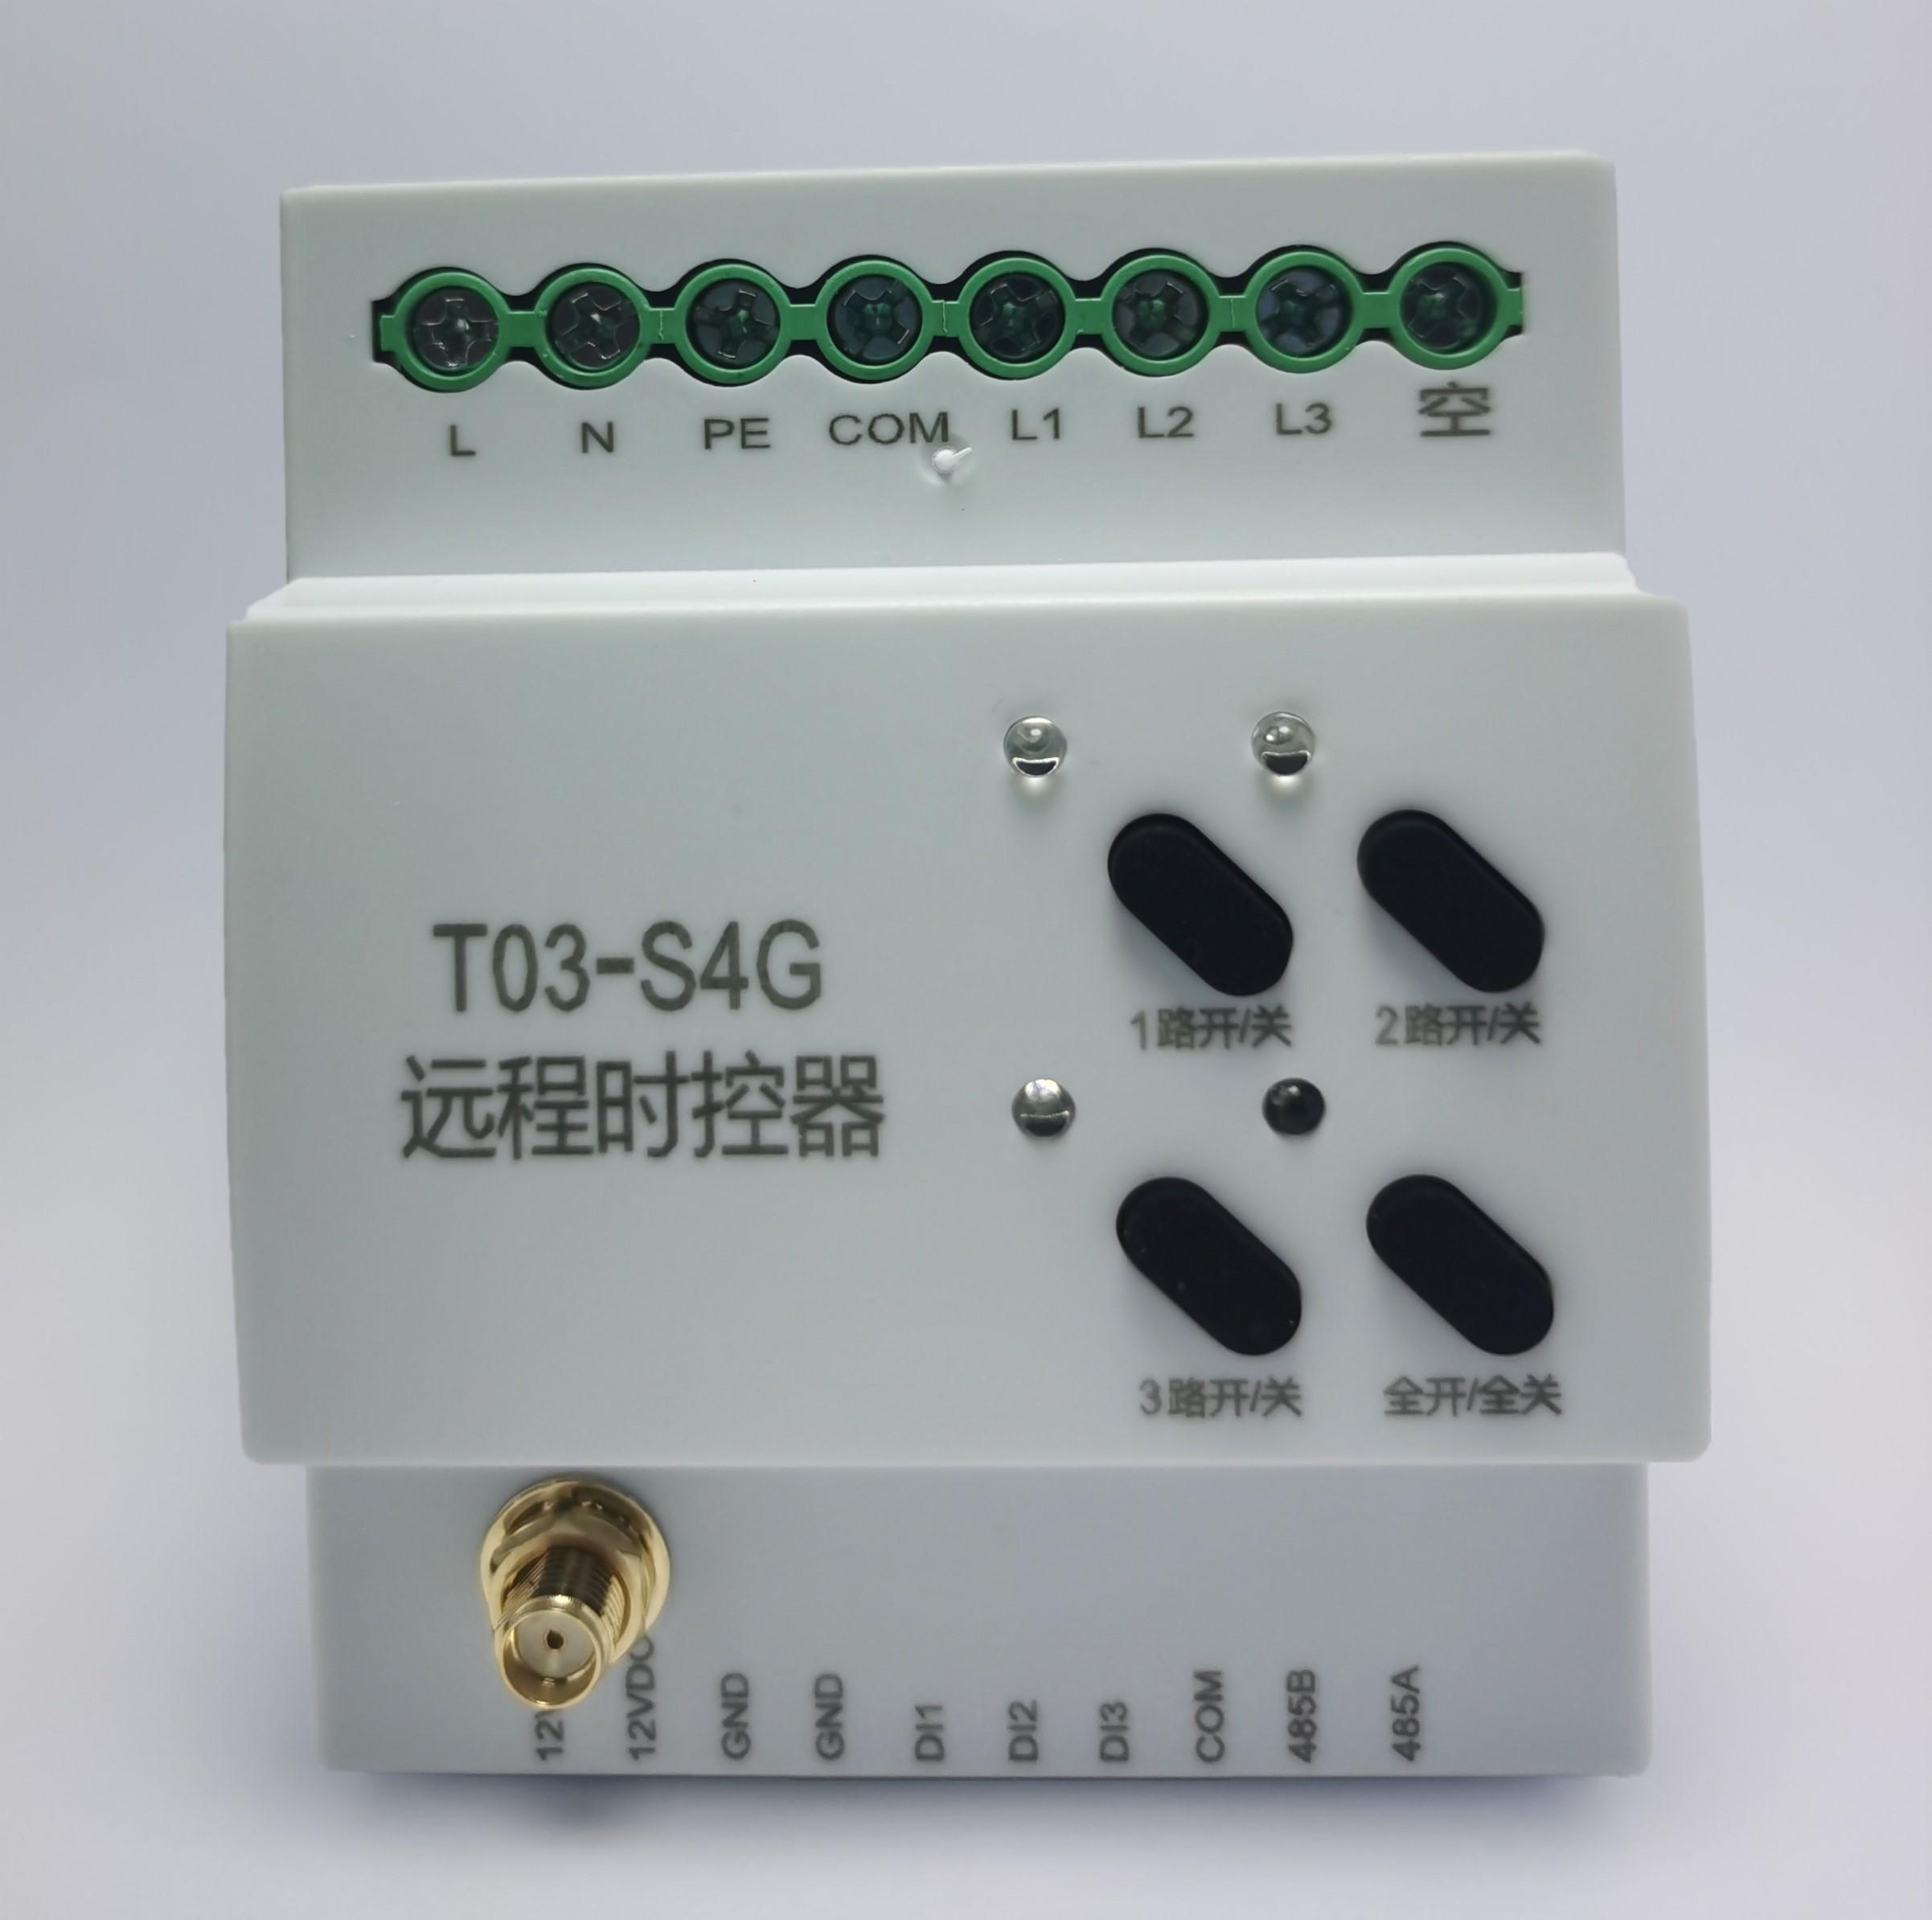 3路4G全网通远程时控器